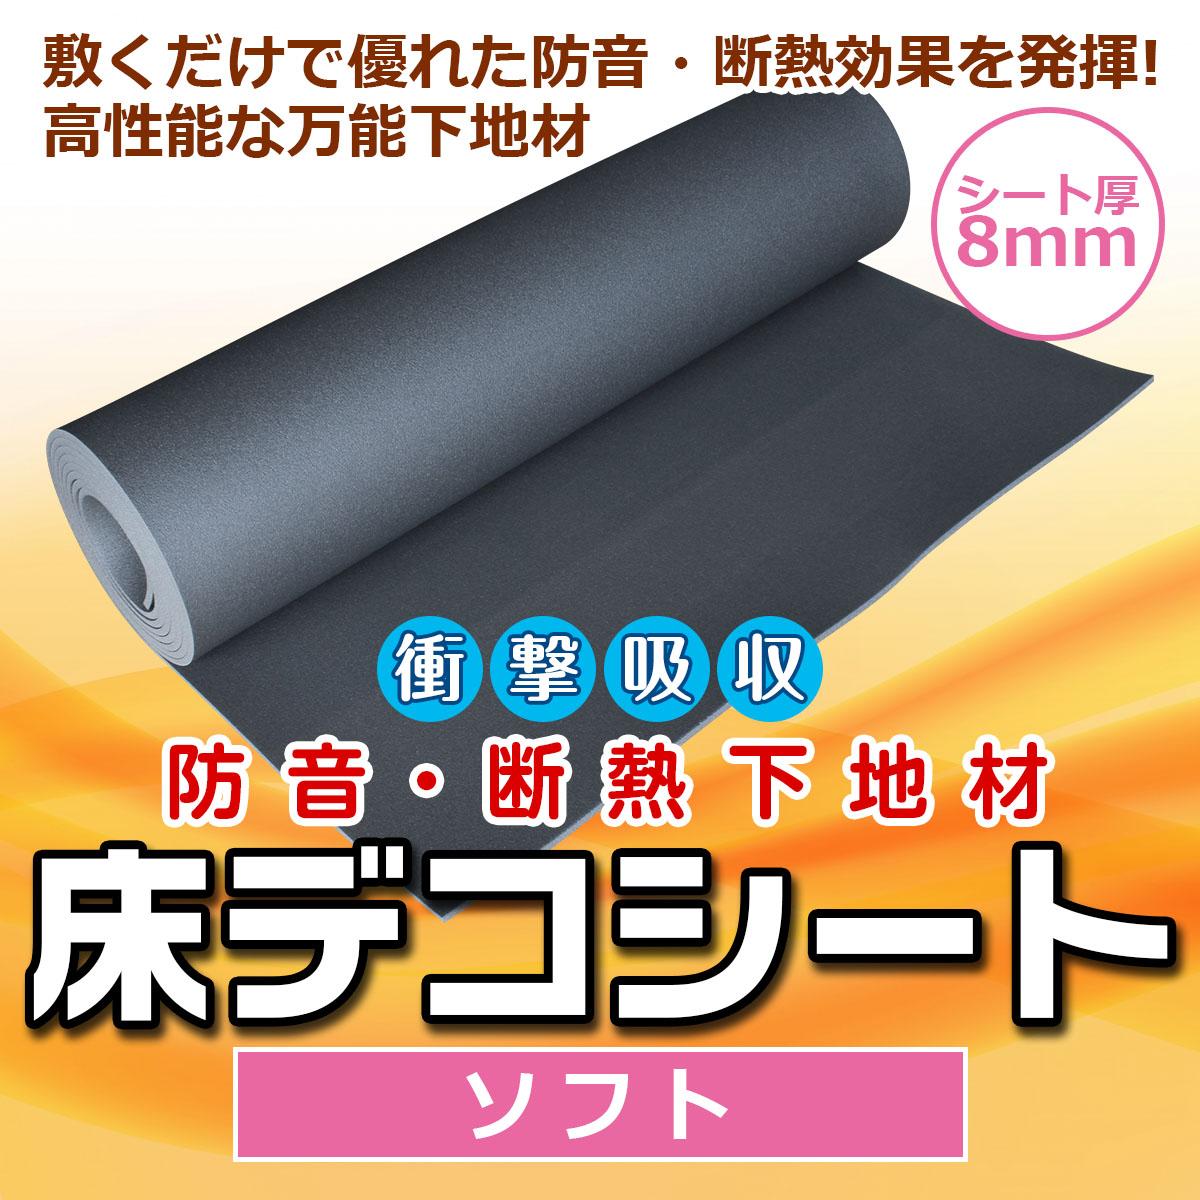 敷くだけで優れた防音・断熱効果を発揮!高性能な万能下地材 防音・断熱下地材 床デコシート ソフト